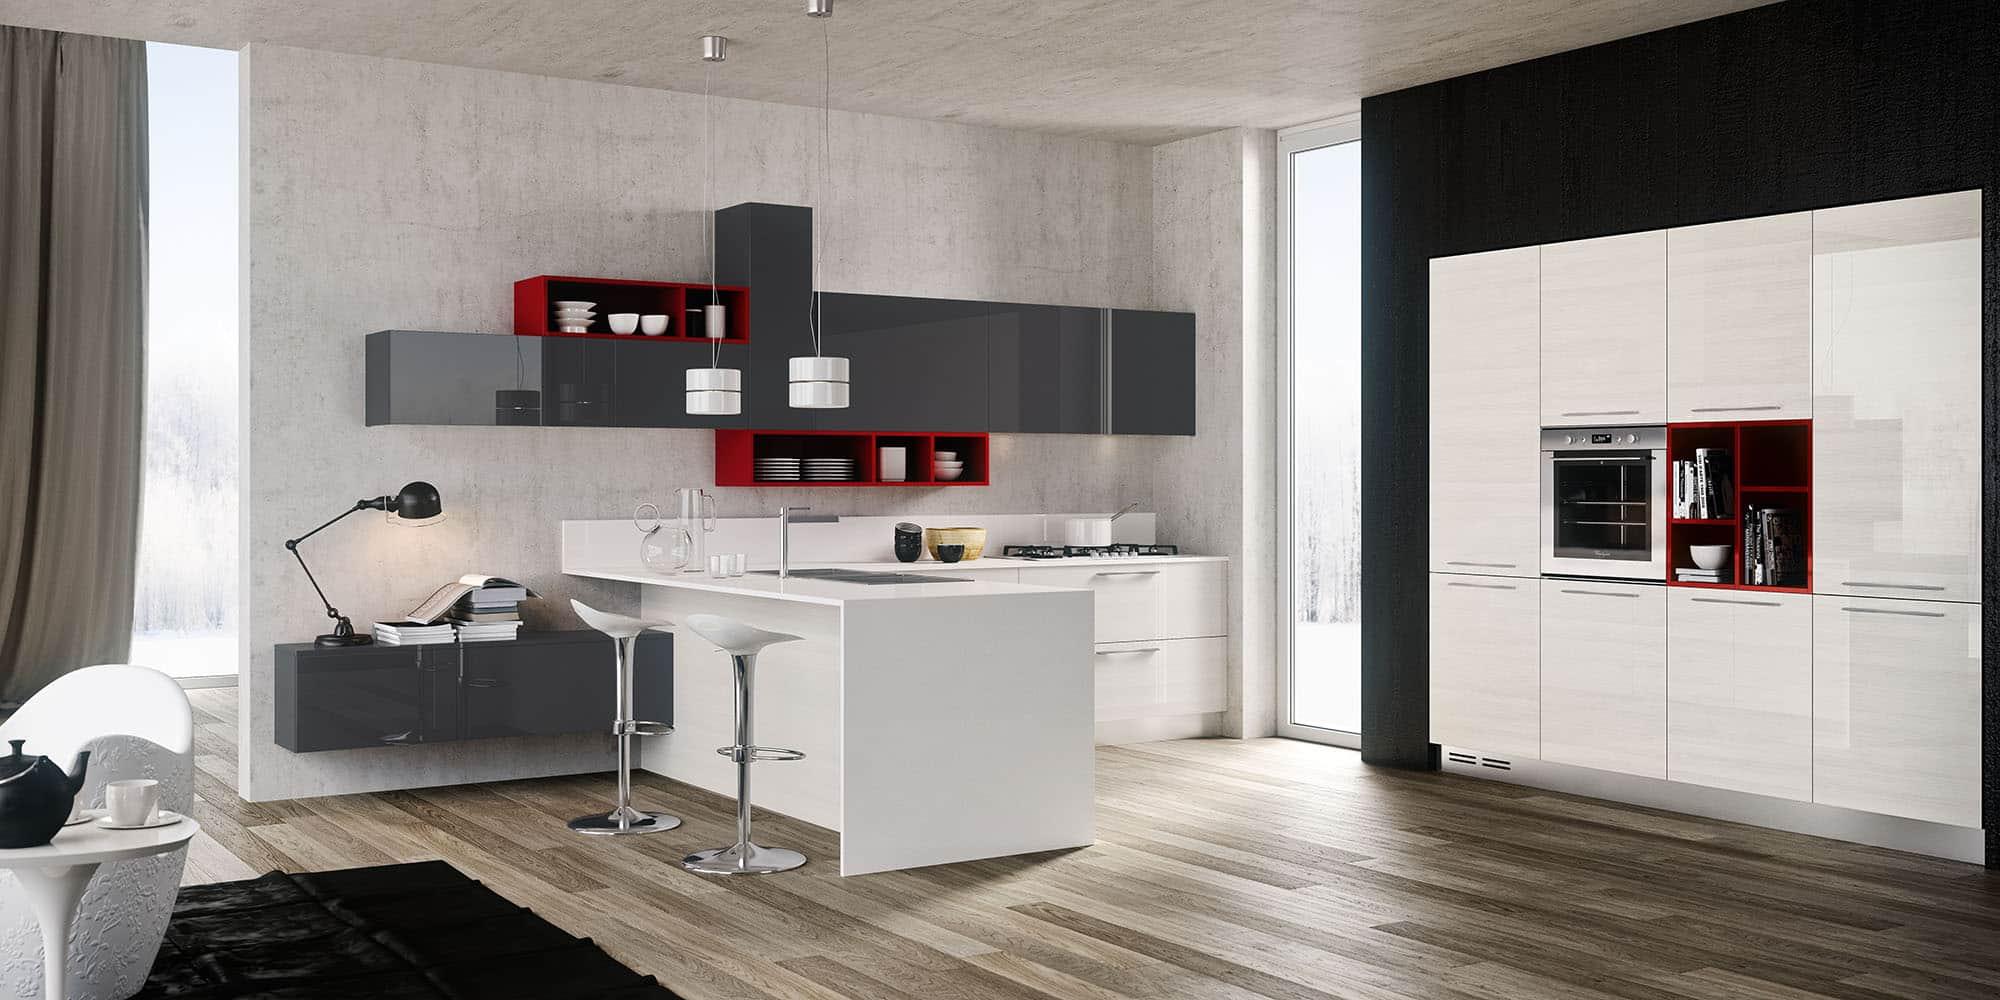 Vendita cucine padova negozio di arredamento cucine for Cucina moderna giornale